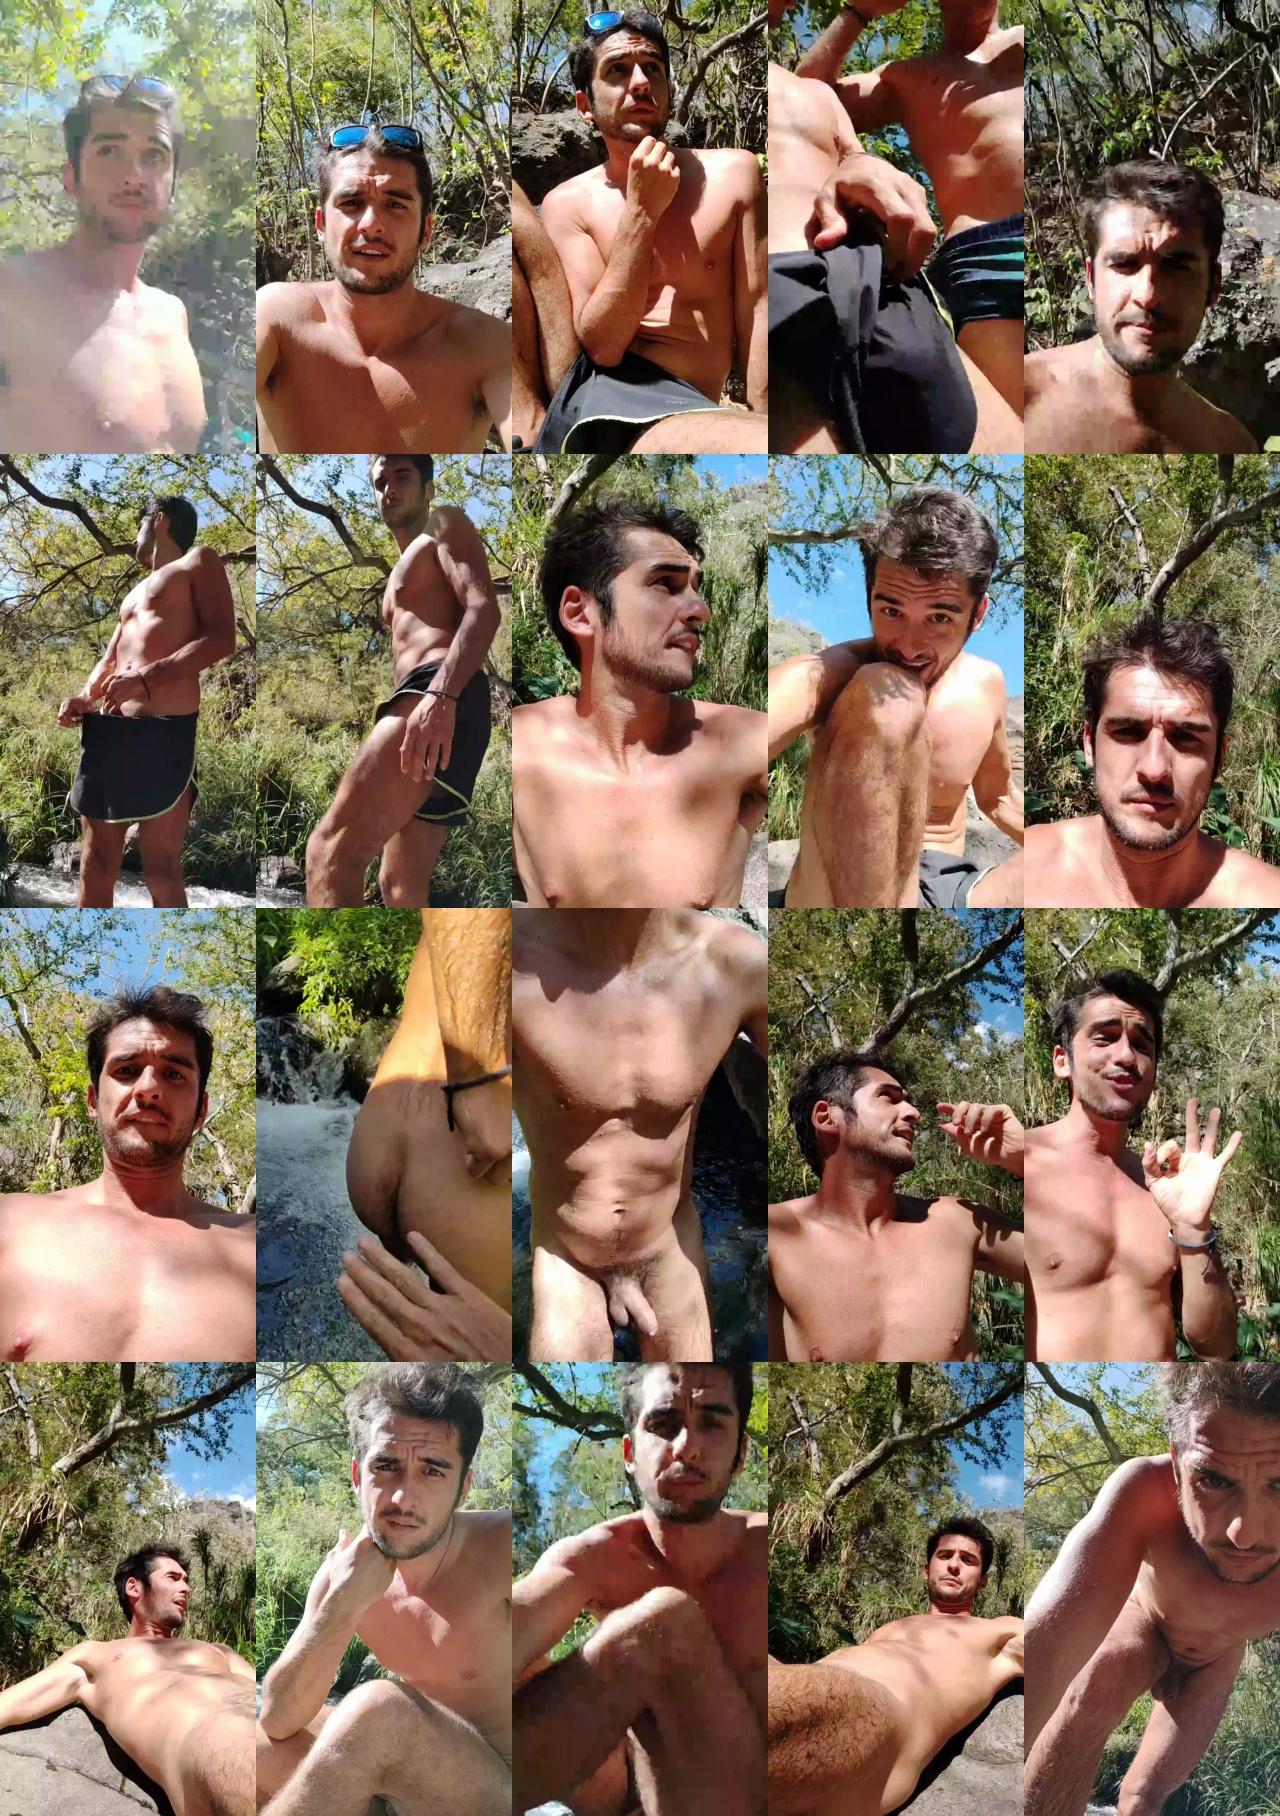 Sexpert Cam4 27-09-2020 Males Video